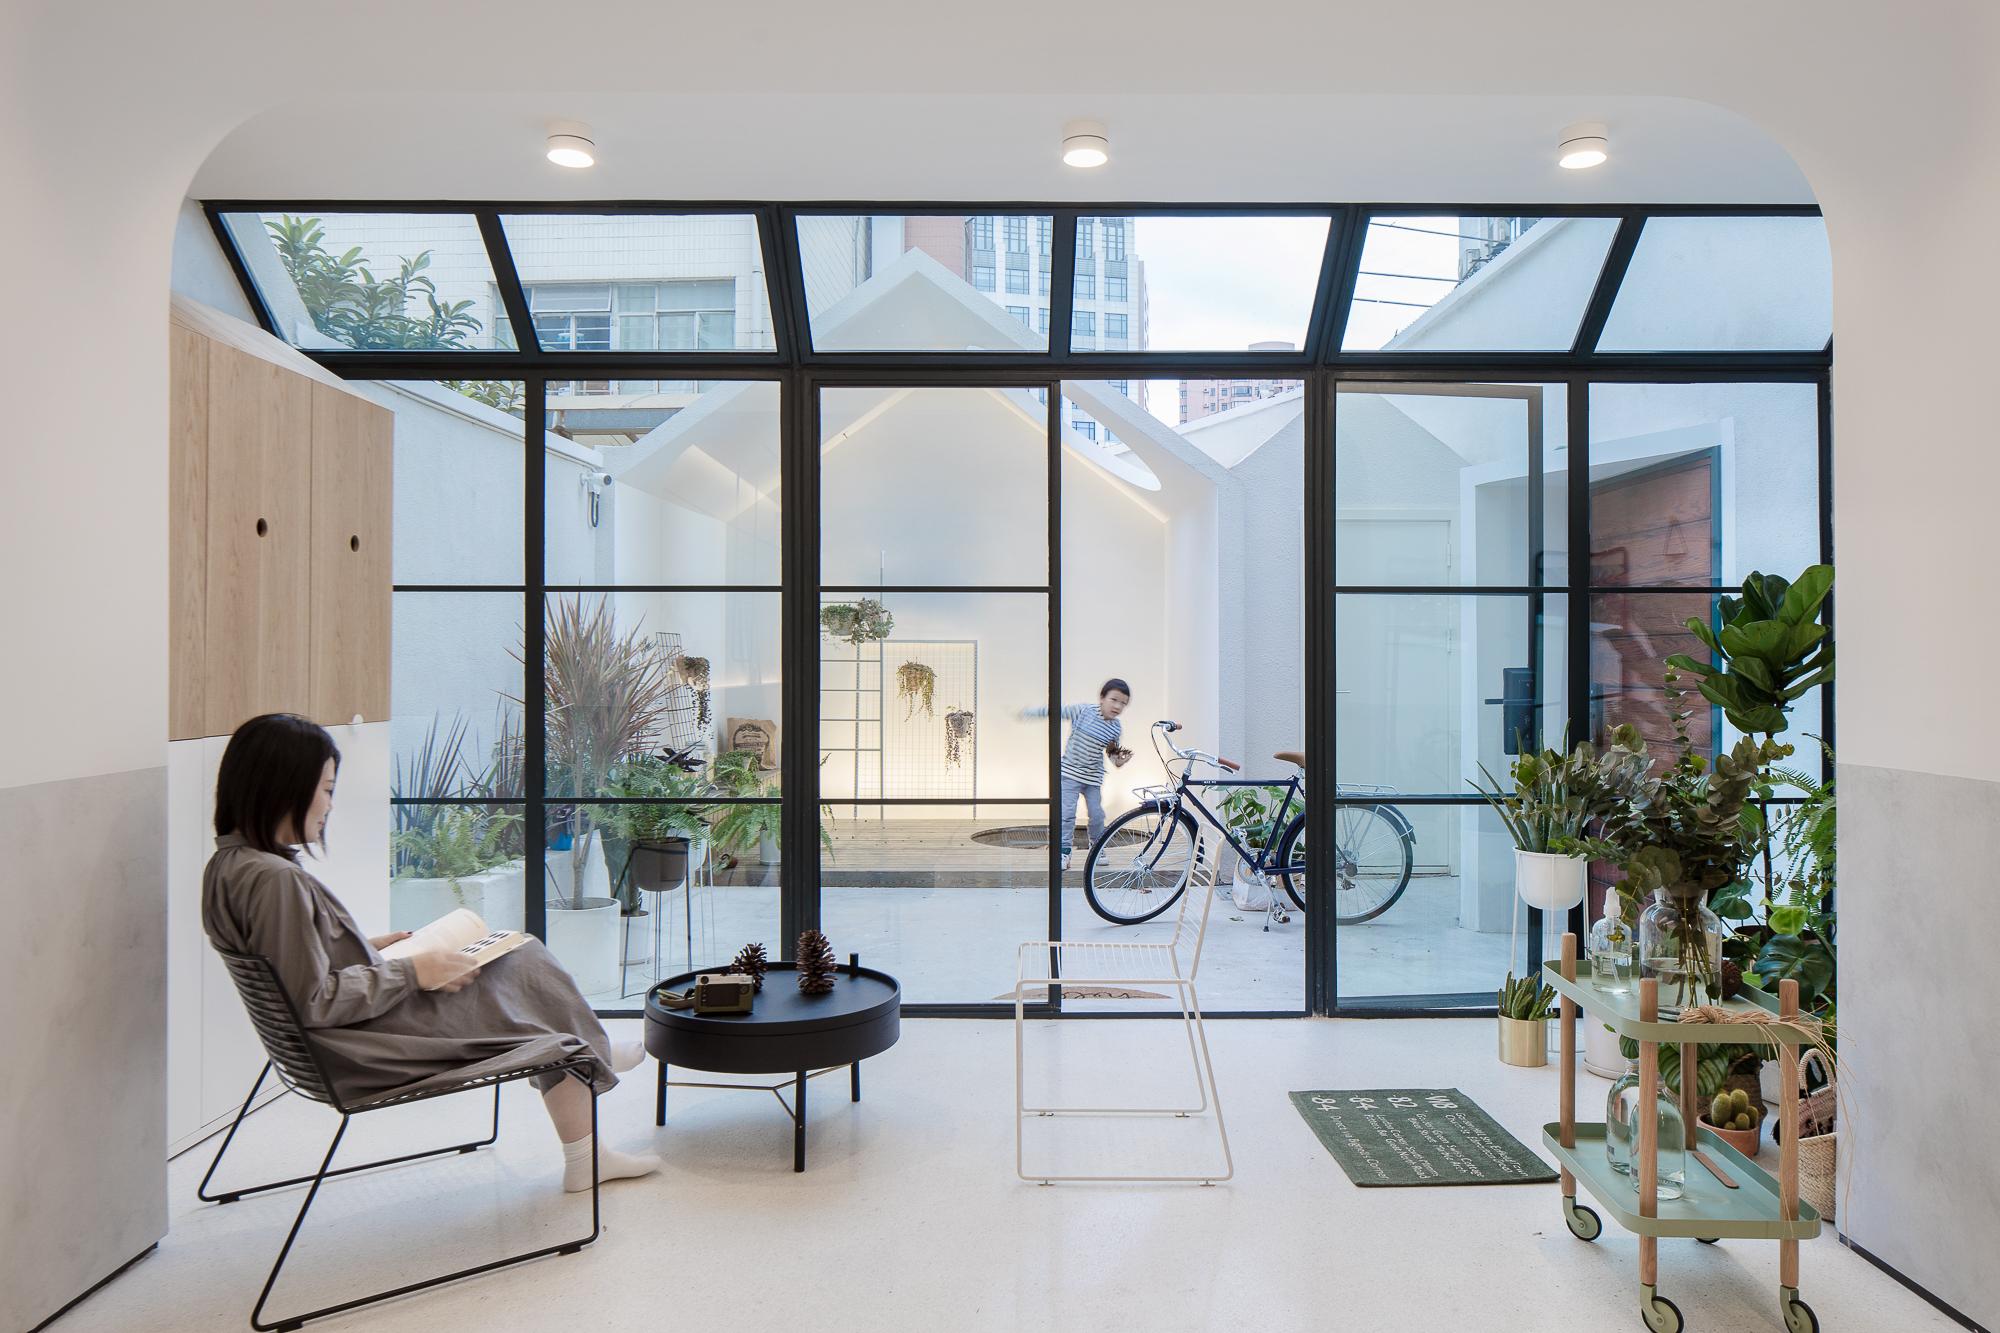 A White House, A Growing Home / Kai Liu | ArchDaily